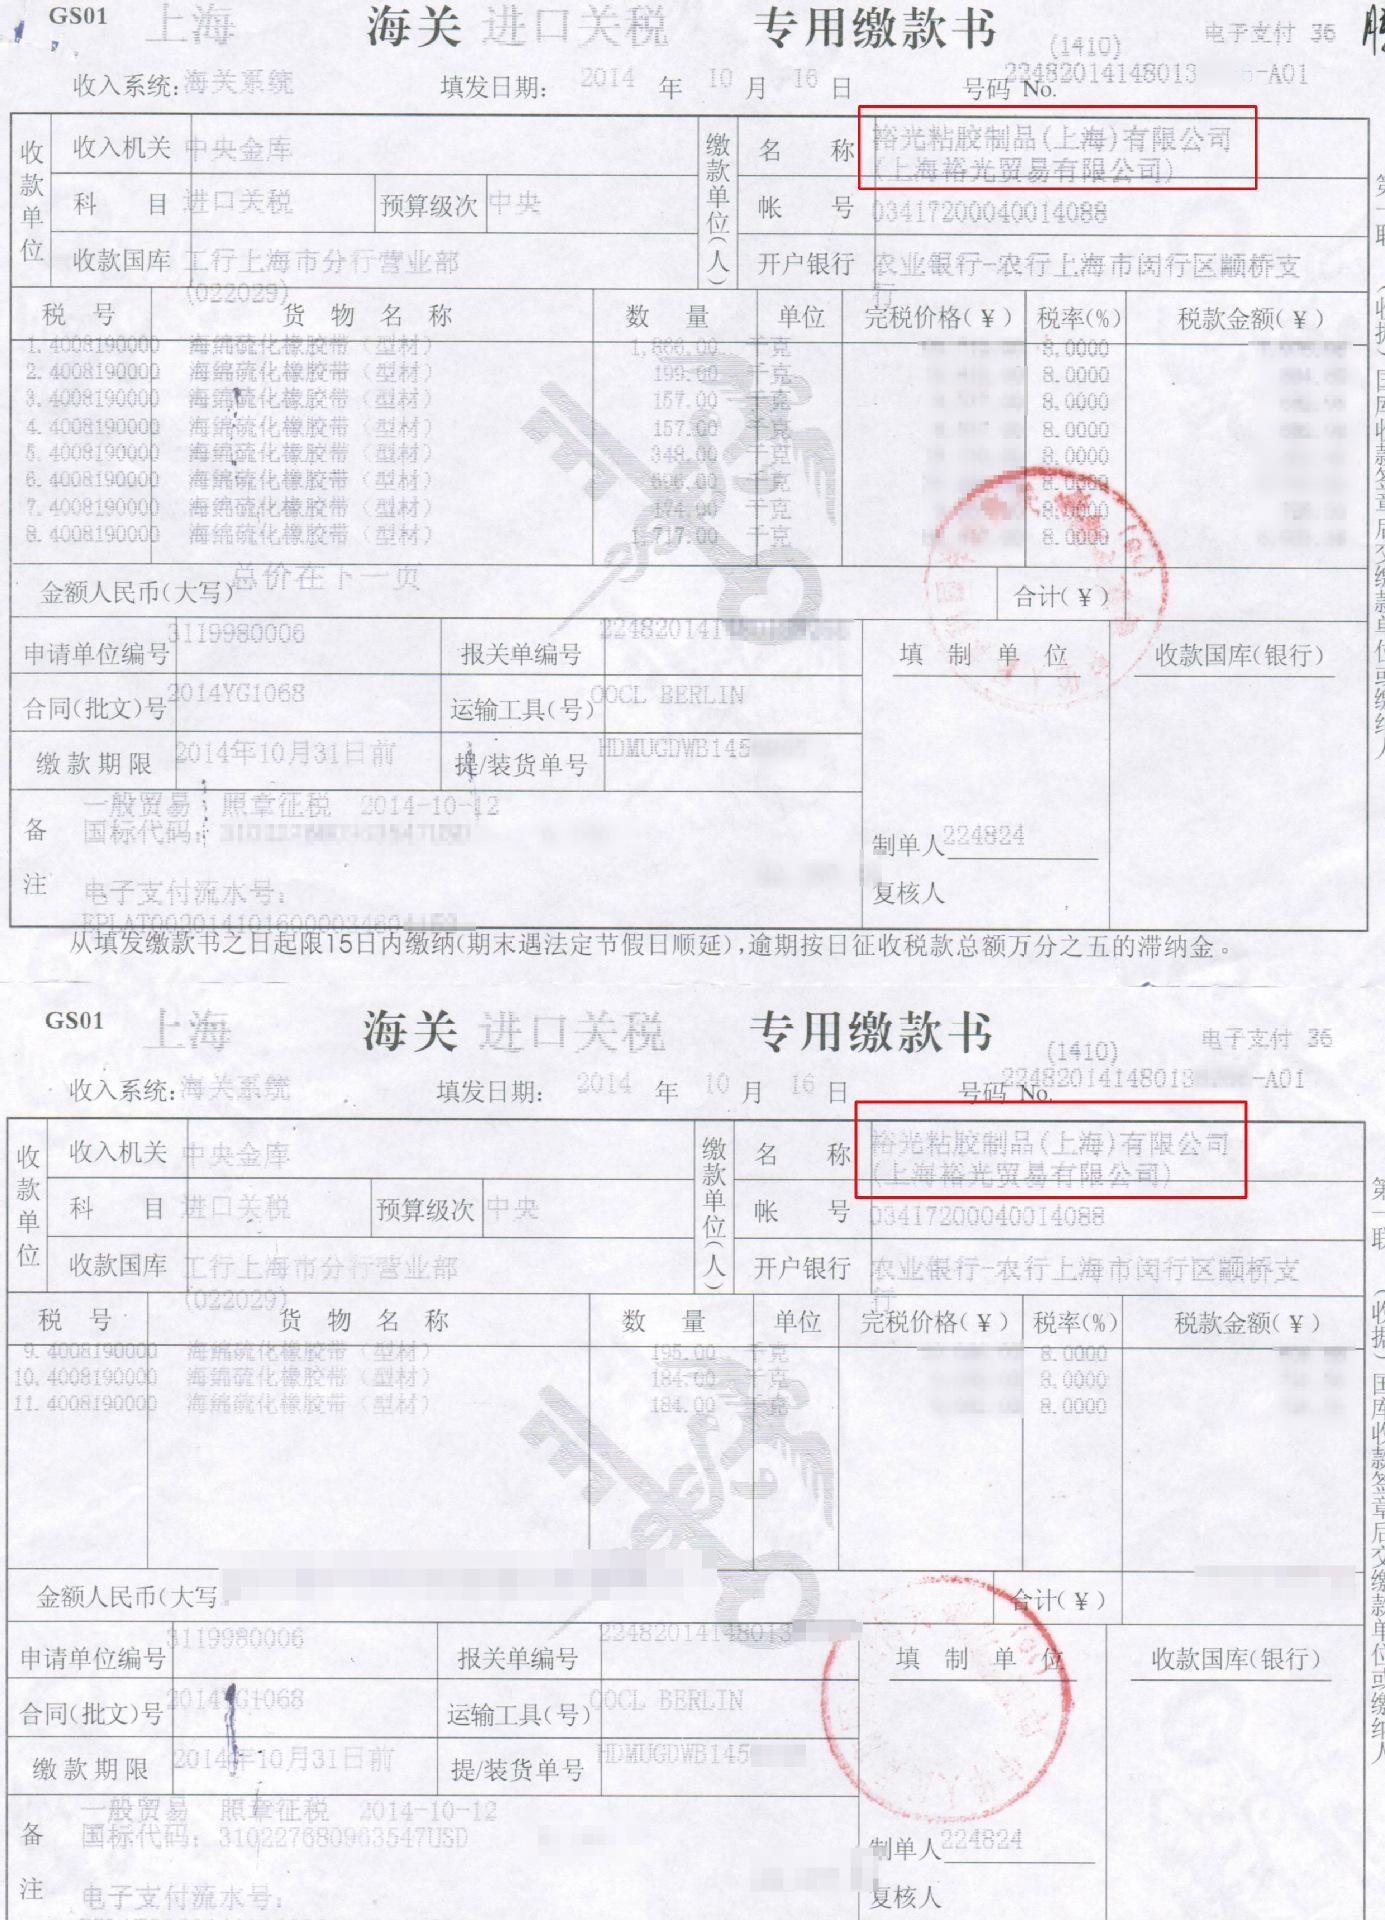 关税-14-10-16-修改-1